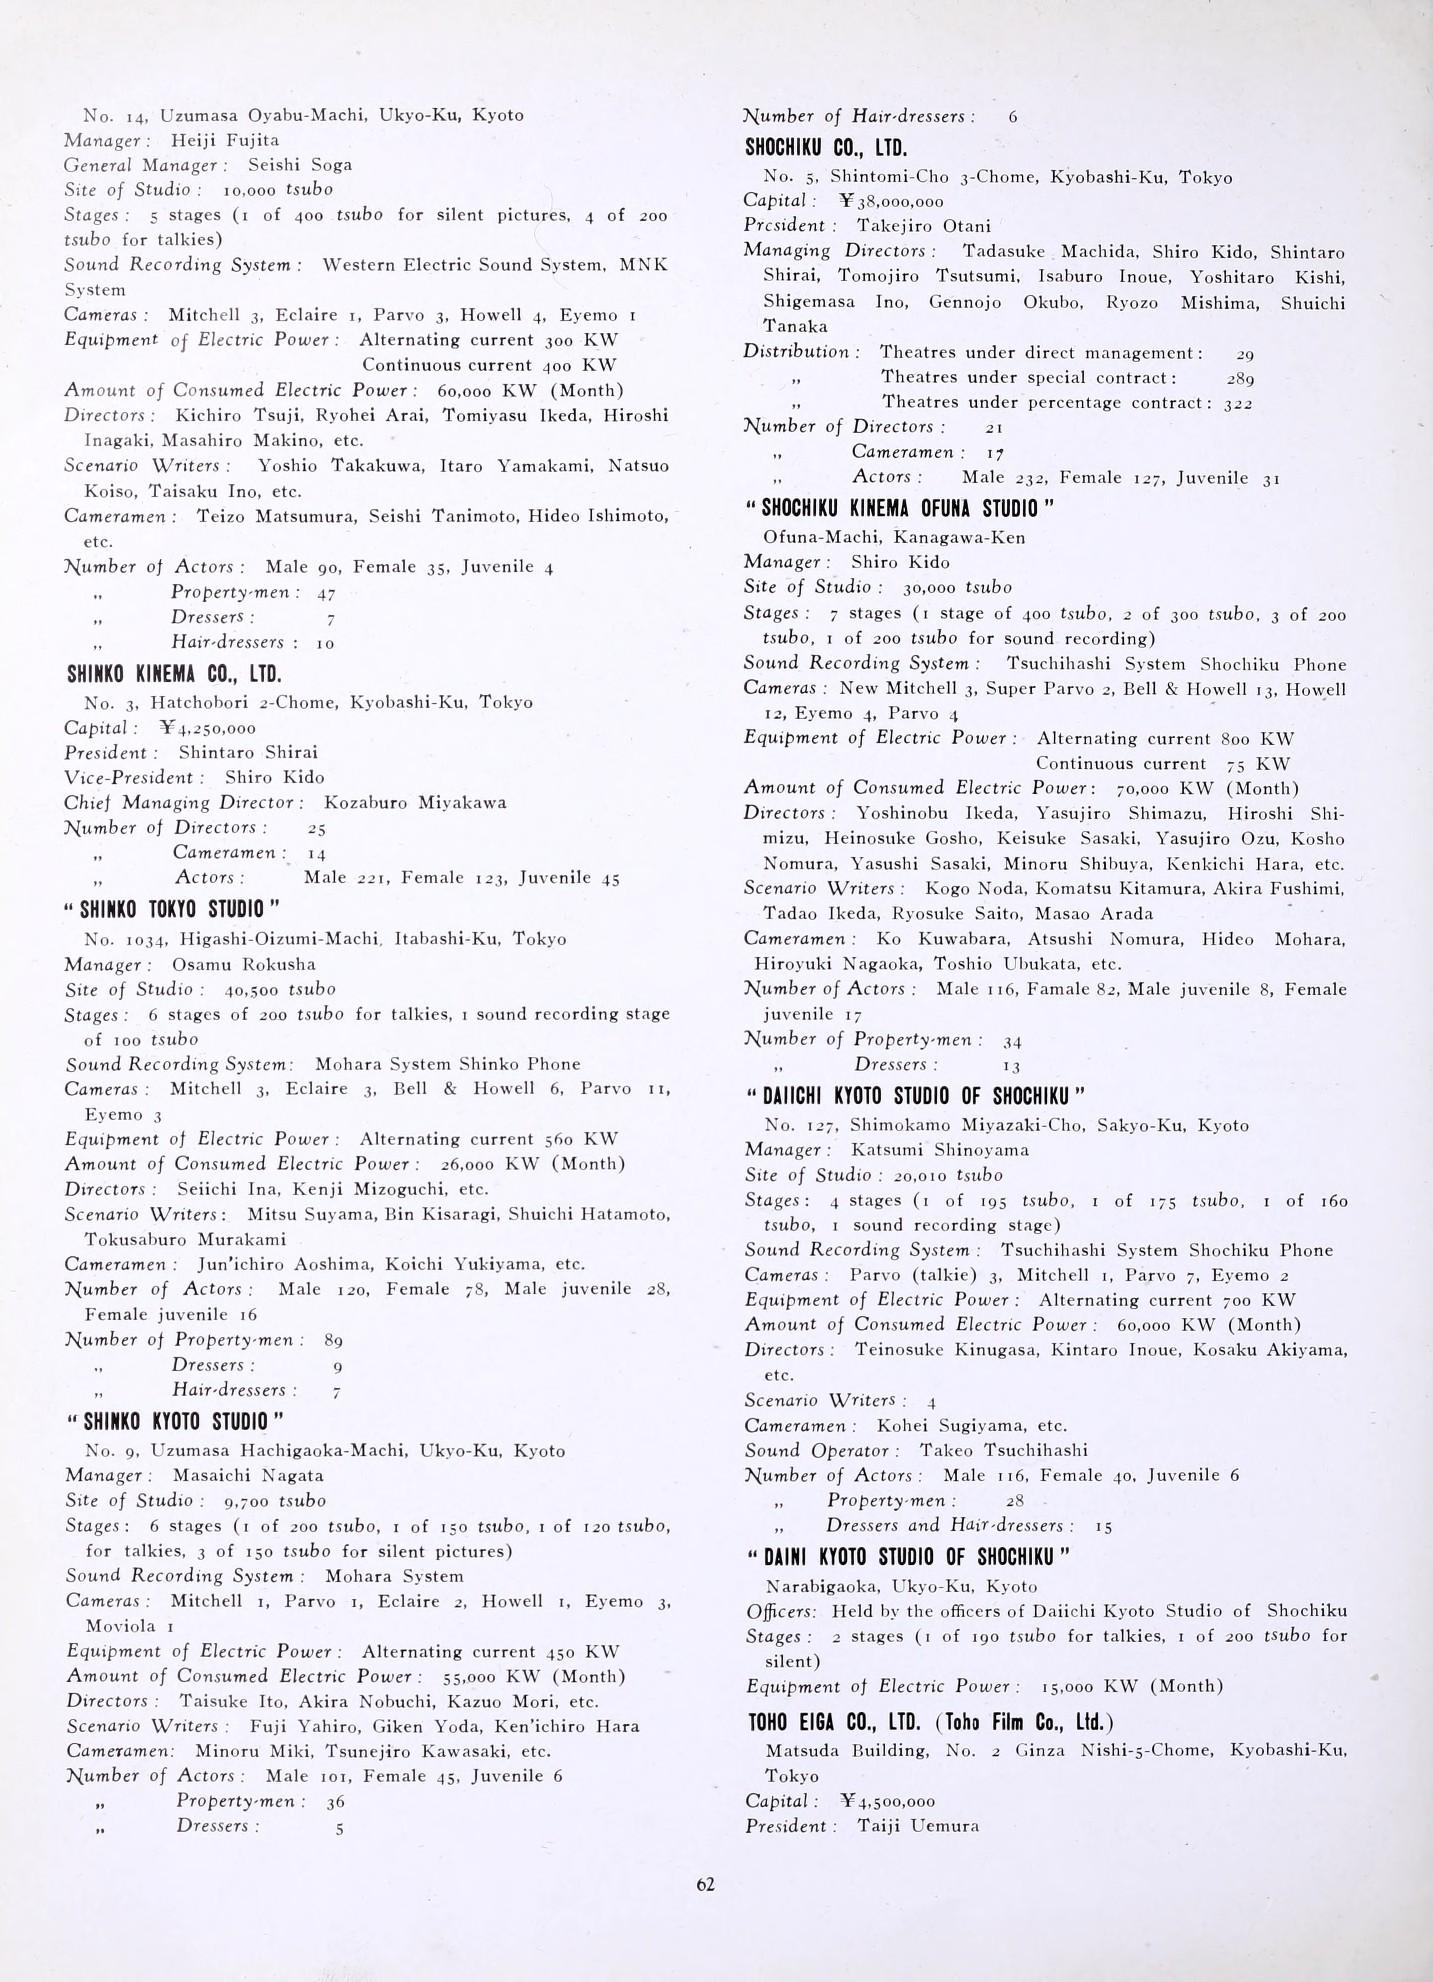 Cinemayearbookof00inte_0_jp2.zip&file=cinemayearbookof00inte_0_jp2%2fcinemayearbookof00inte_0_0072